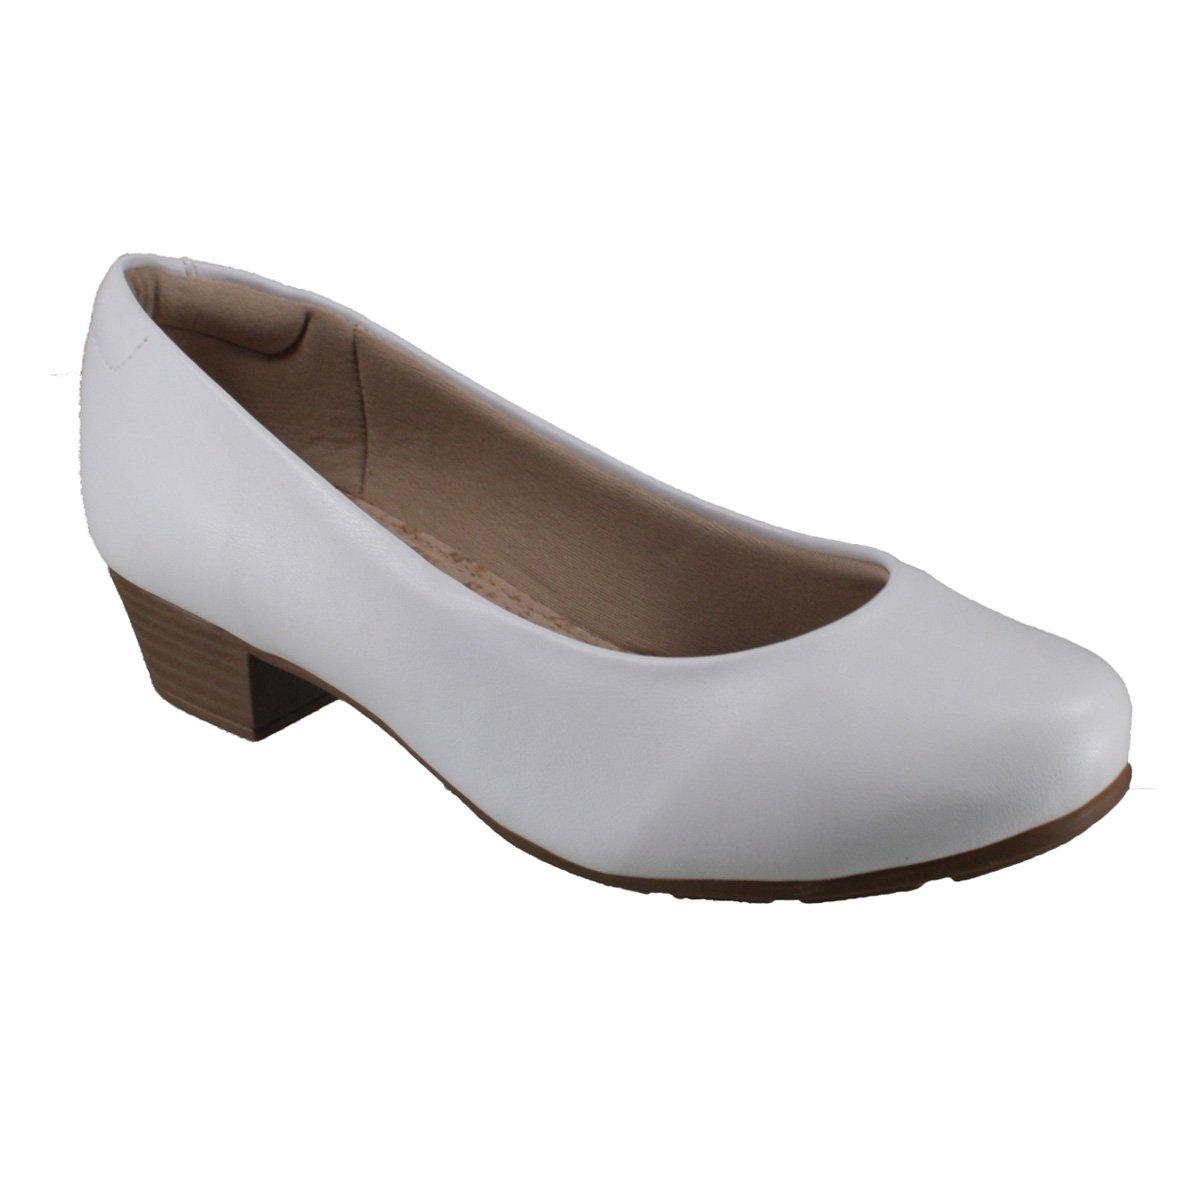 a8c8dc4fb Sapato Feminino Modare Ultraconforto 7032.200 16072 Branco (Napa Sense Flex)